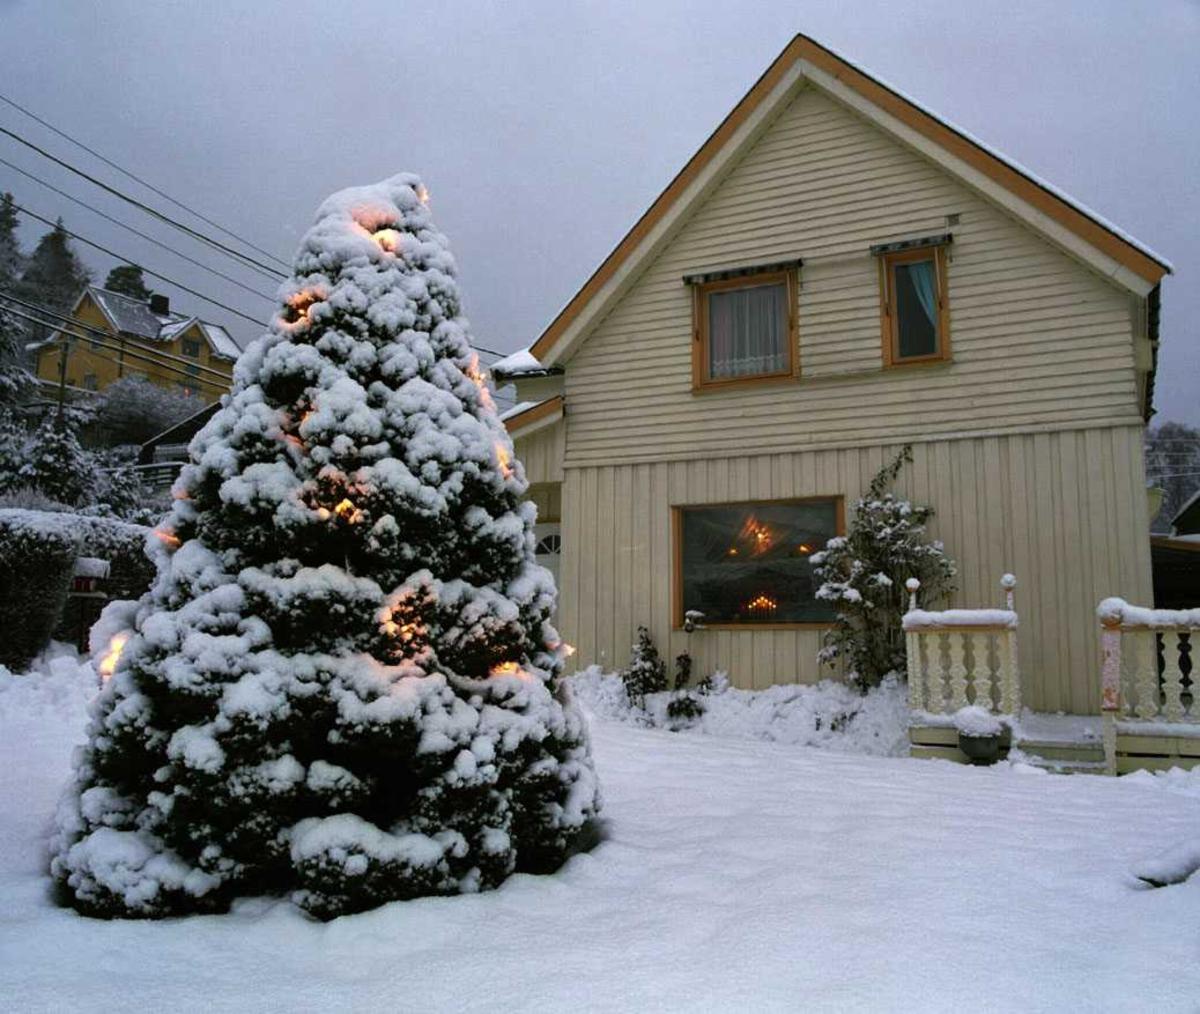 Julebelysning  Hvit julebelysning på tuja ved enebolig